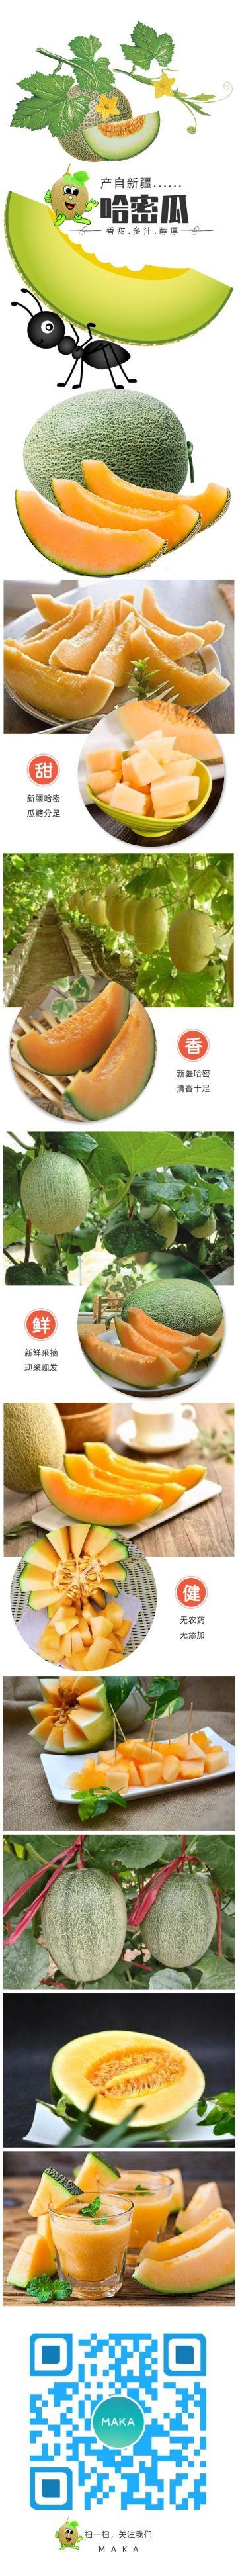 水果哈密瓜扁平简约设计产品详情页海报